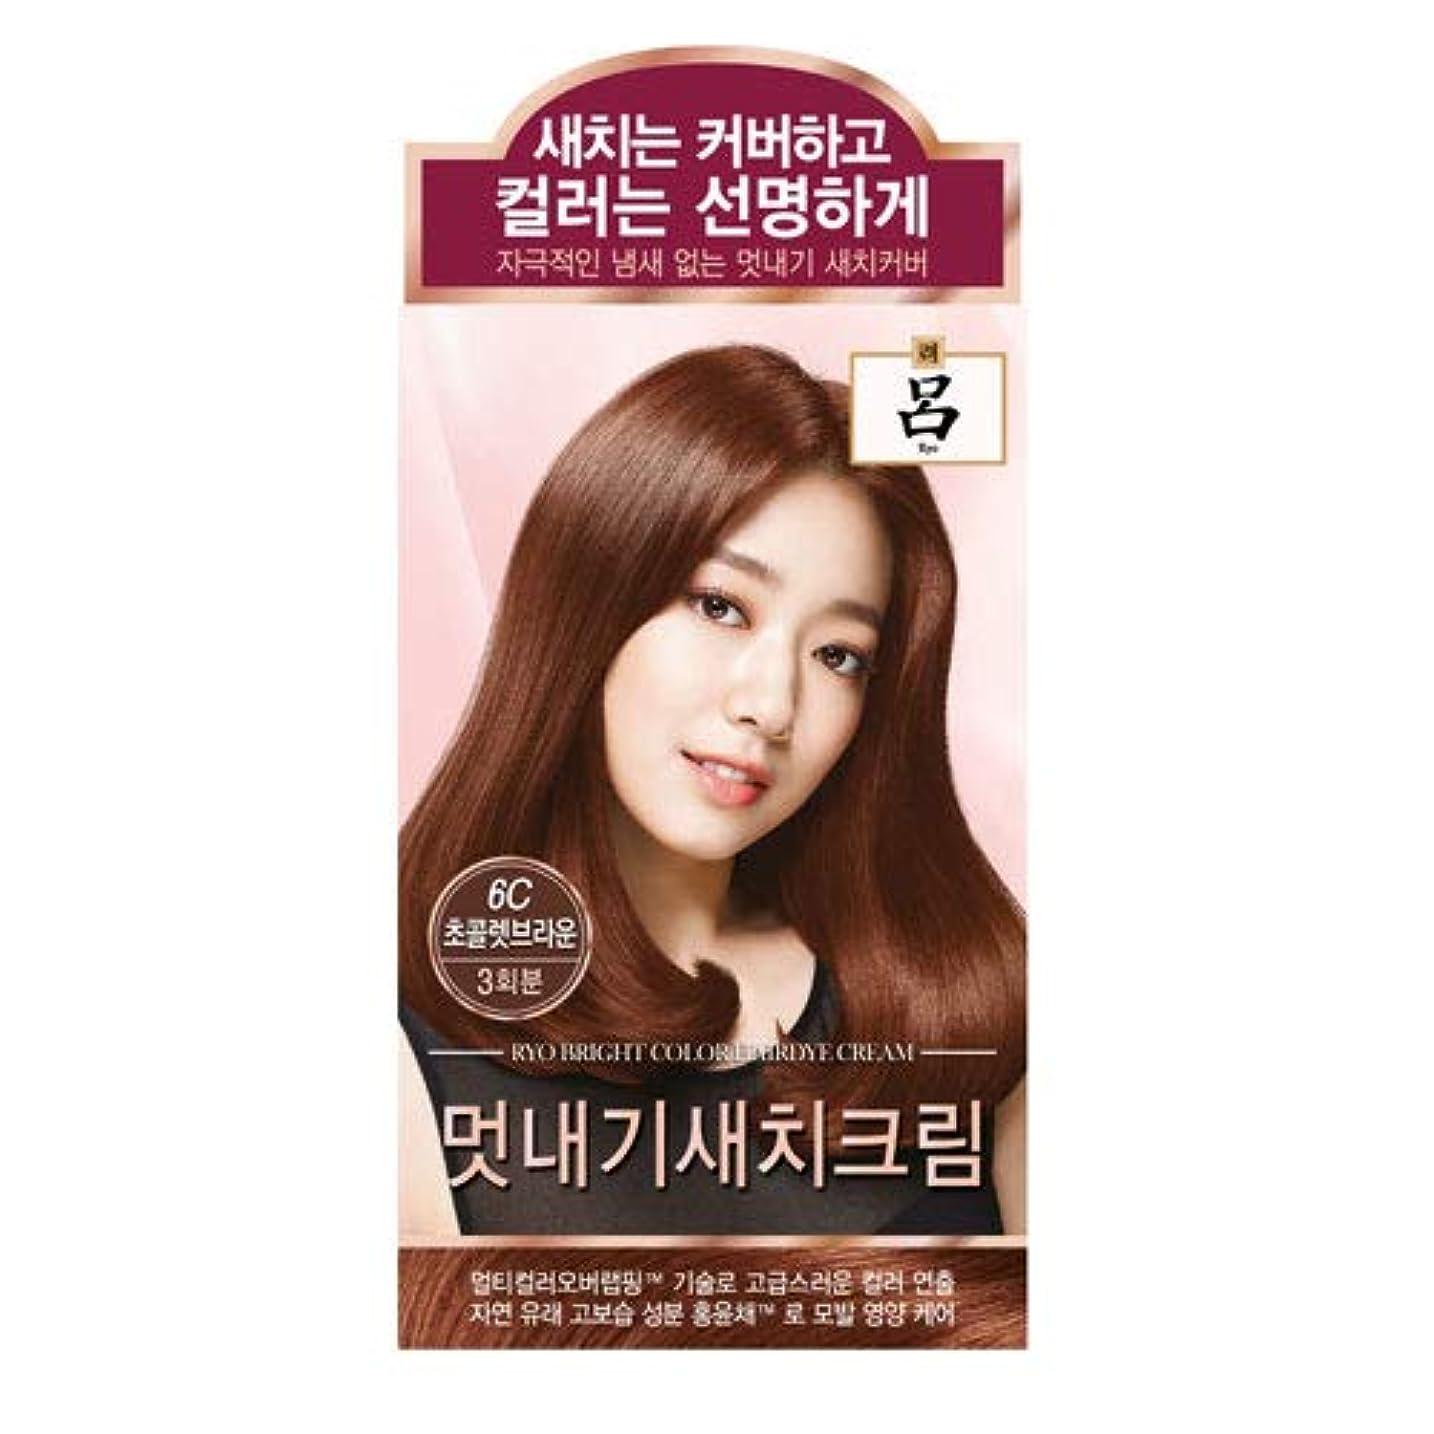 シャトルトランジスタねばねばアモーレパシフィック呂[AMOREPACIFIC/Ryo] ブライトカラーヘアアイクリーム 6C チョコレートブラウン/Bright Color Hairdye Cream 6C Chocolate Brown